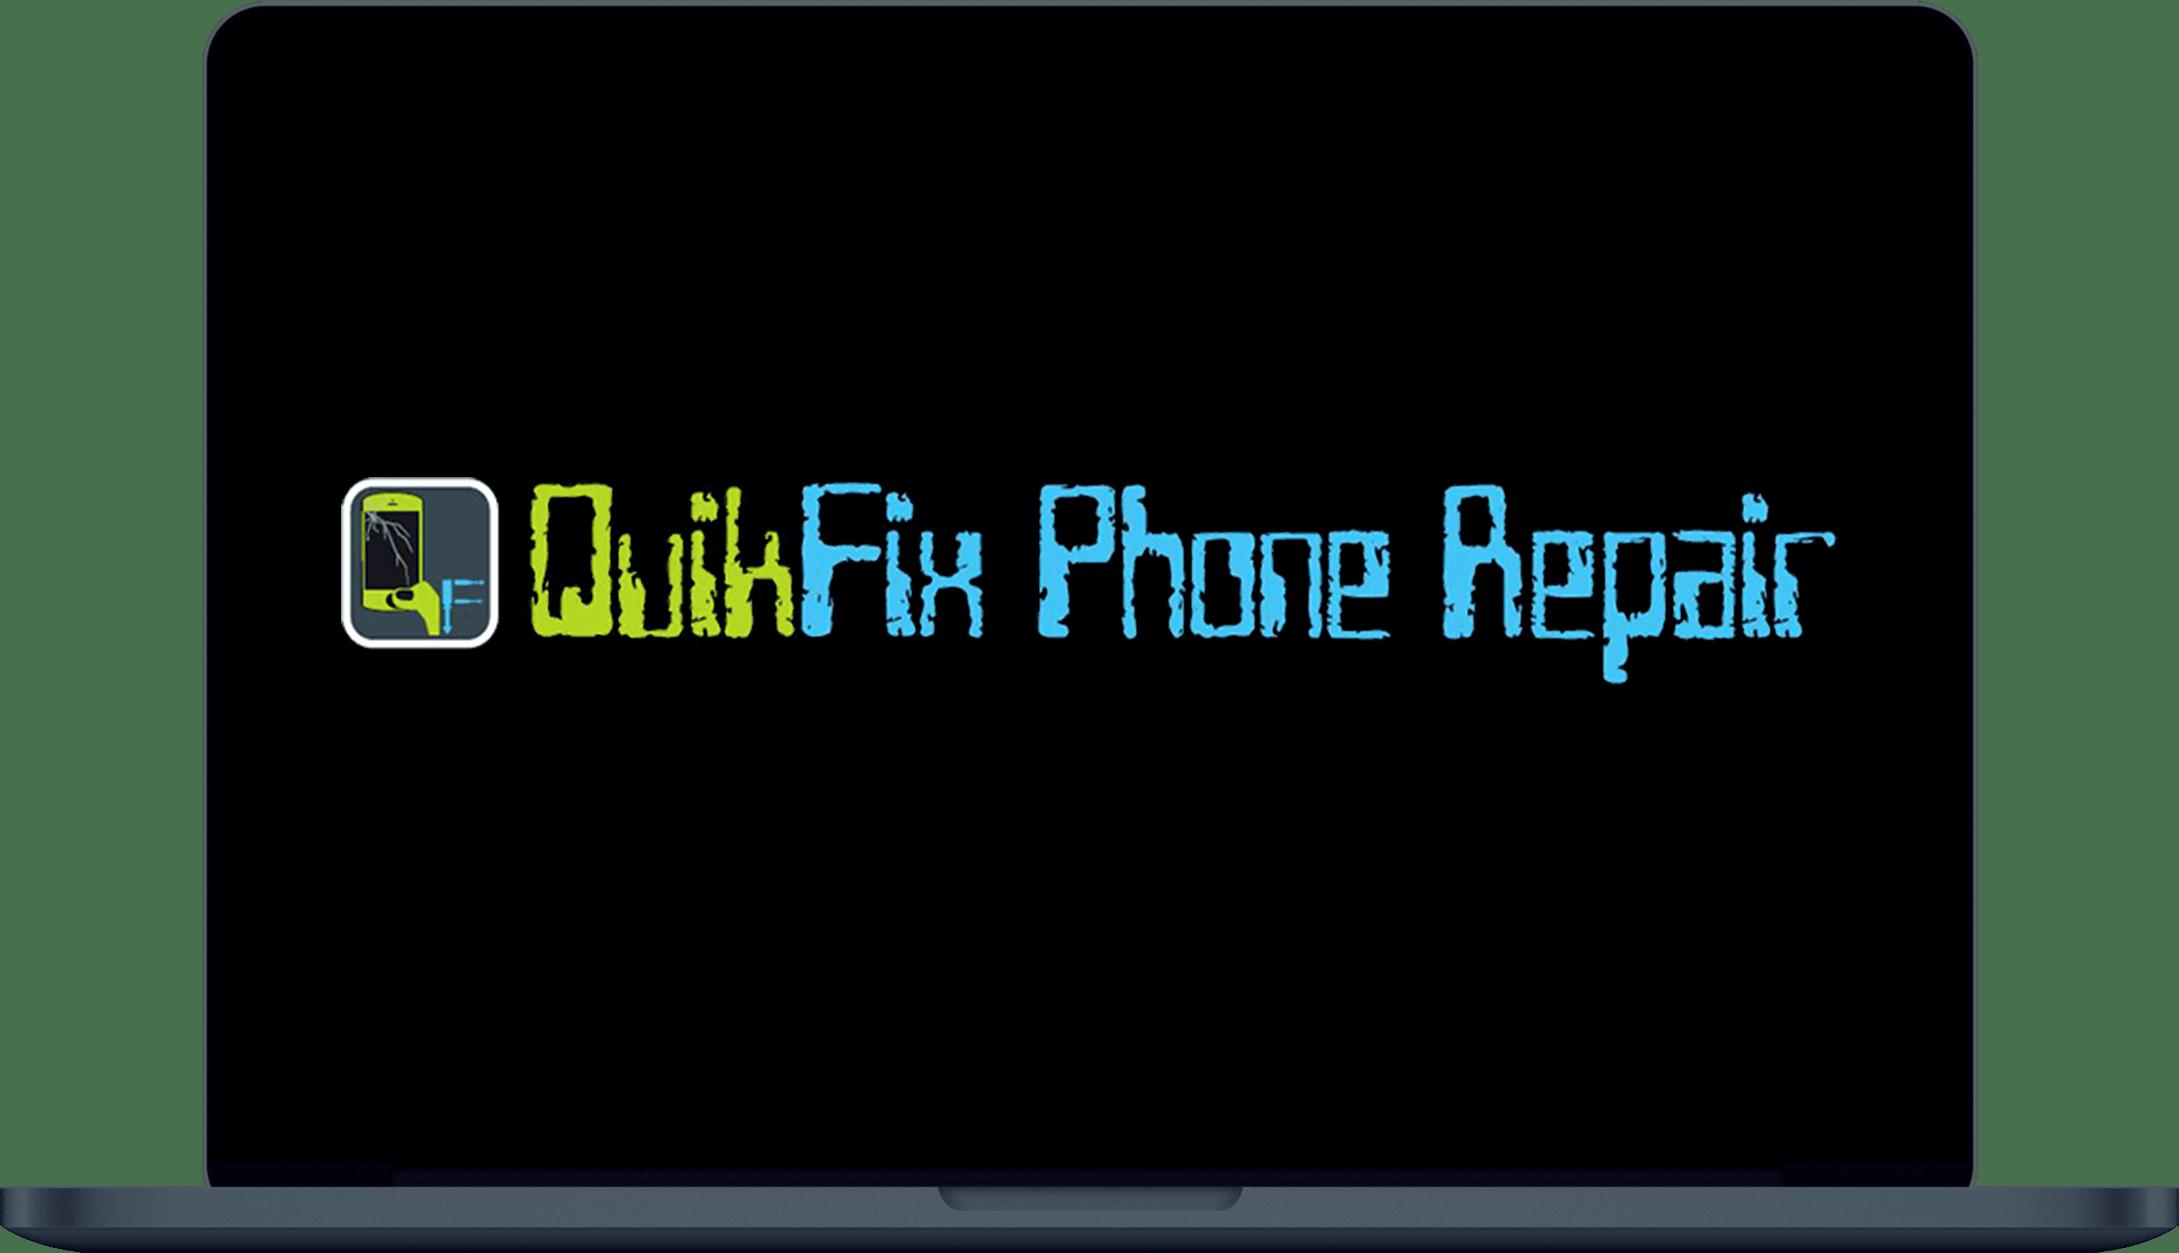 QuikFix Phone Repair Laptop